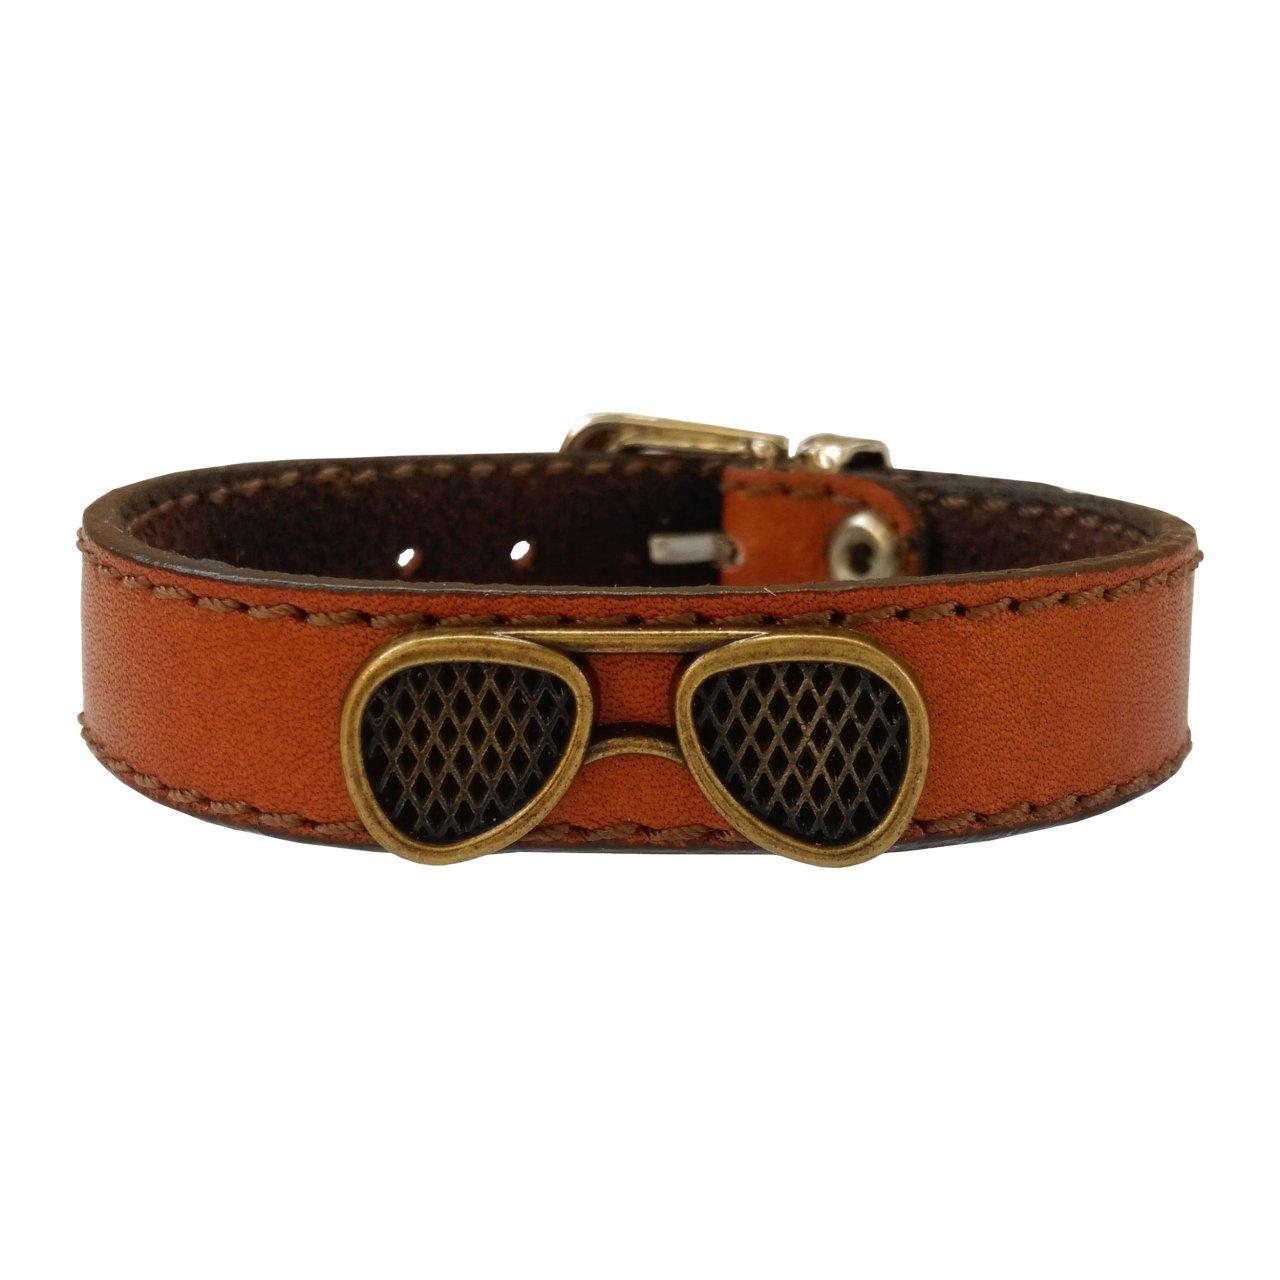 دستبند چرم وارک مدل پرهام کد rb36